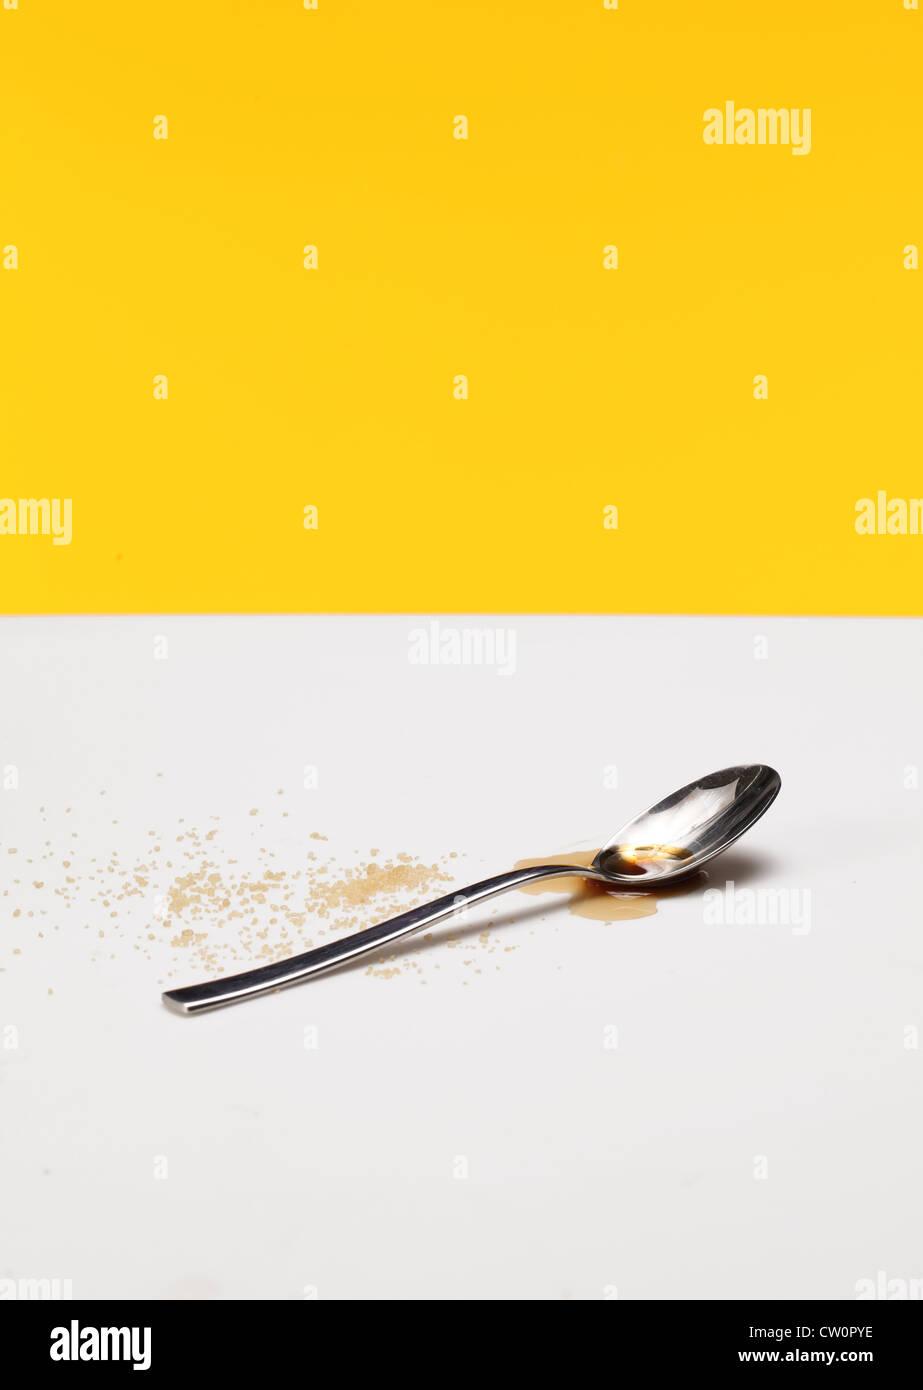 Une cuillère à café avec du café liquide, flaque et saupoudre de sucre Photo Stock